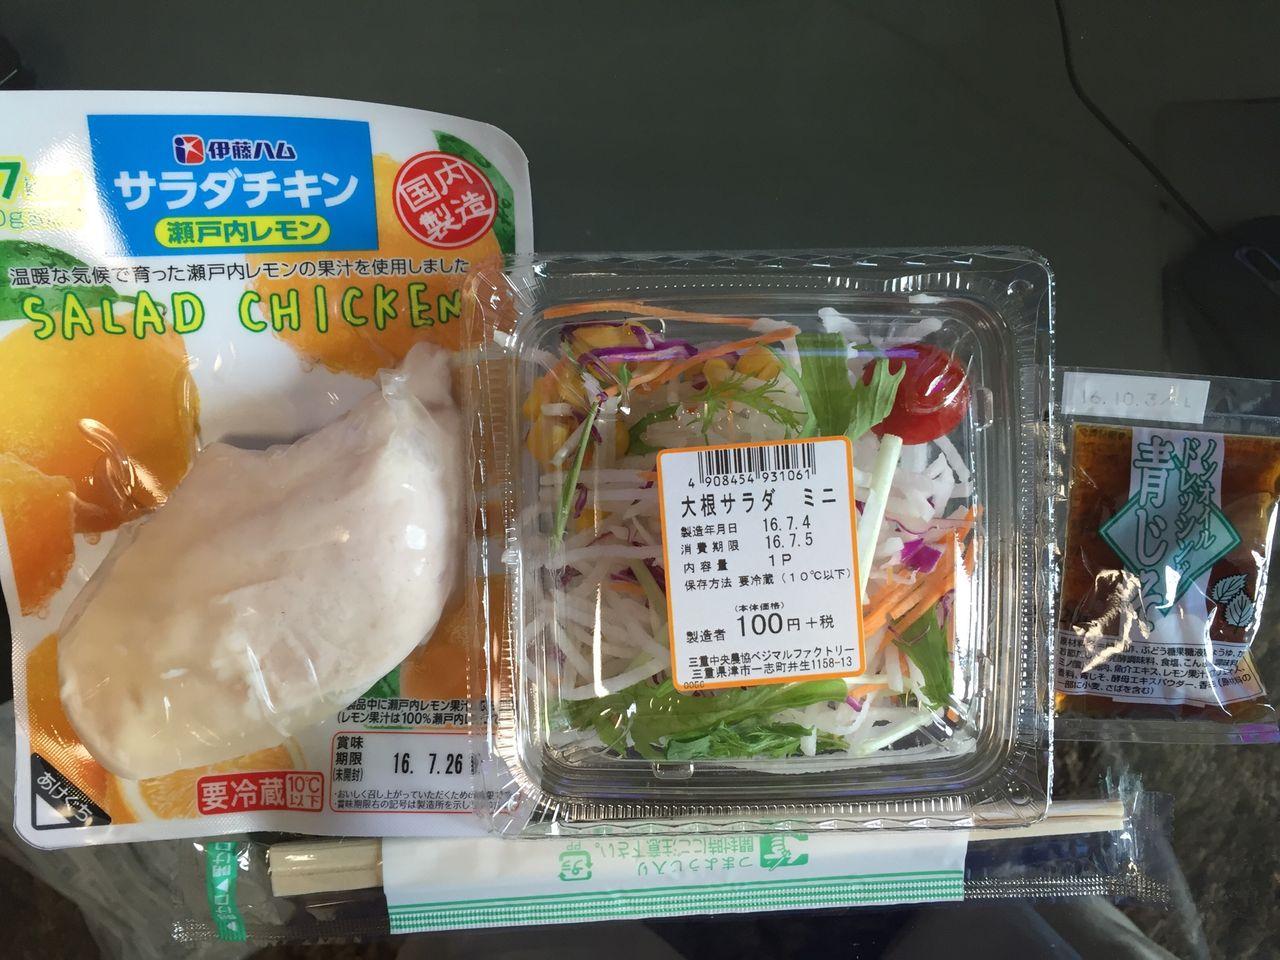 ダイエット 炭水化物 抜き